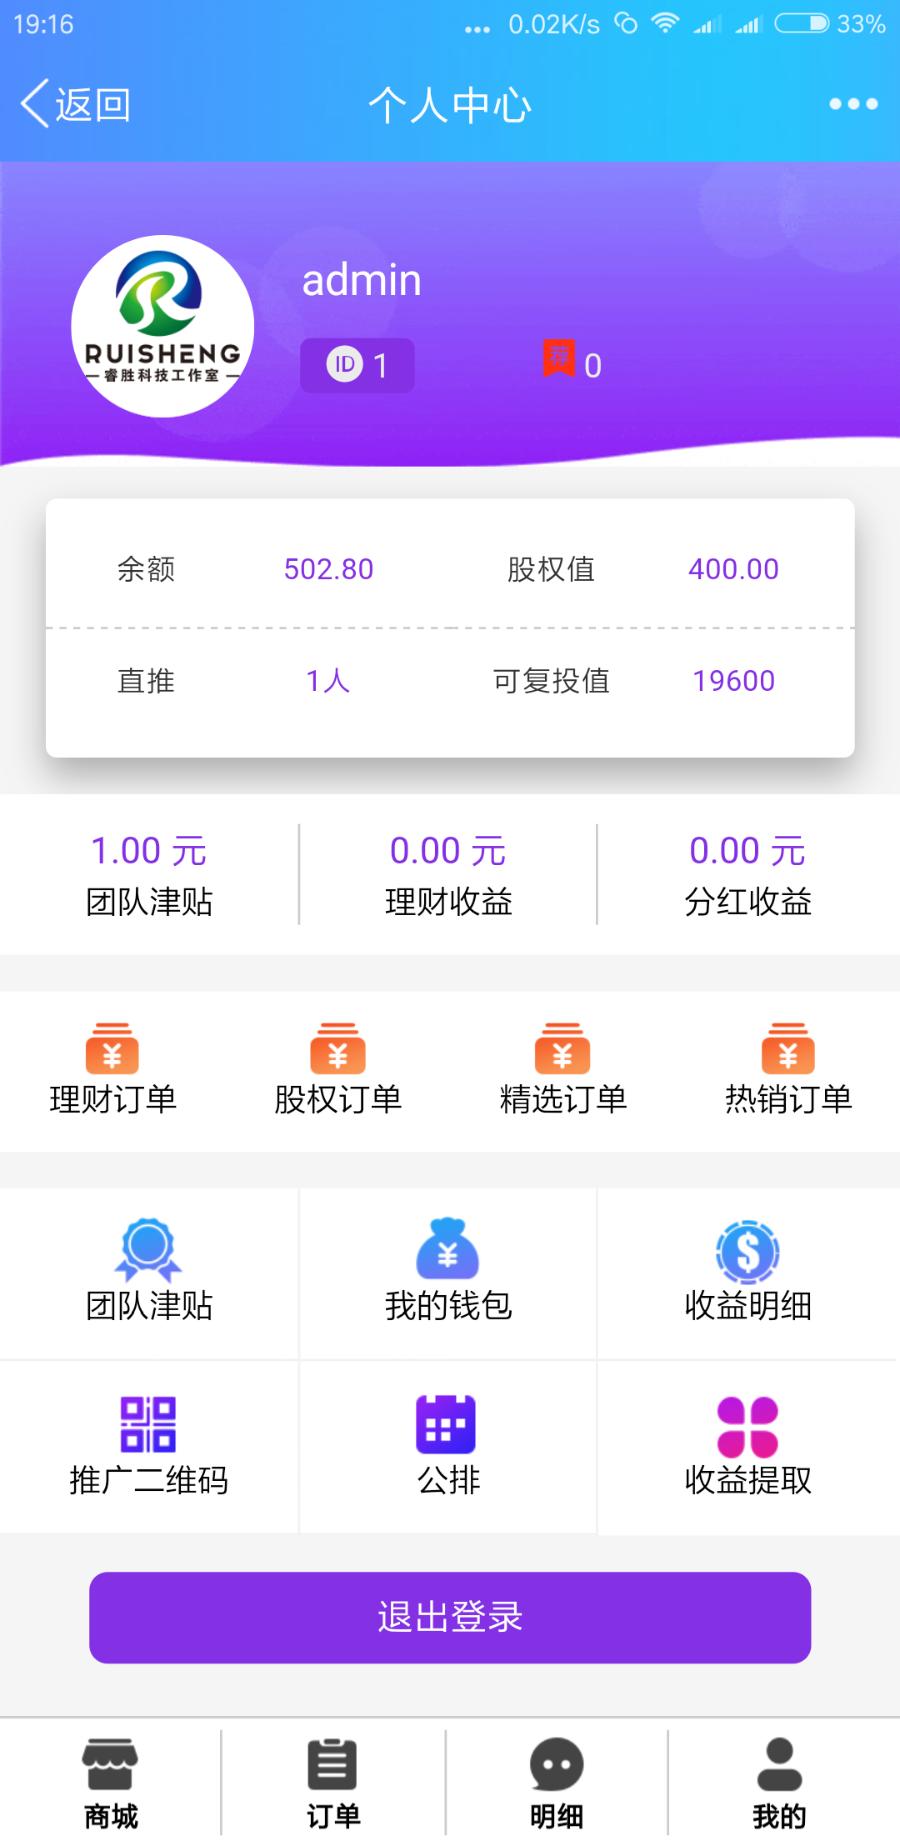 [php源码下载] 最新尊享富理财系统源码 股权直销公排商城见点奖